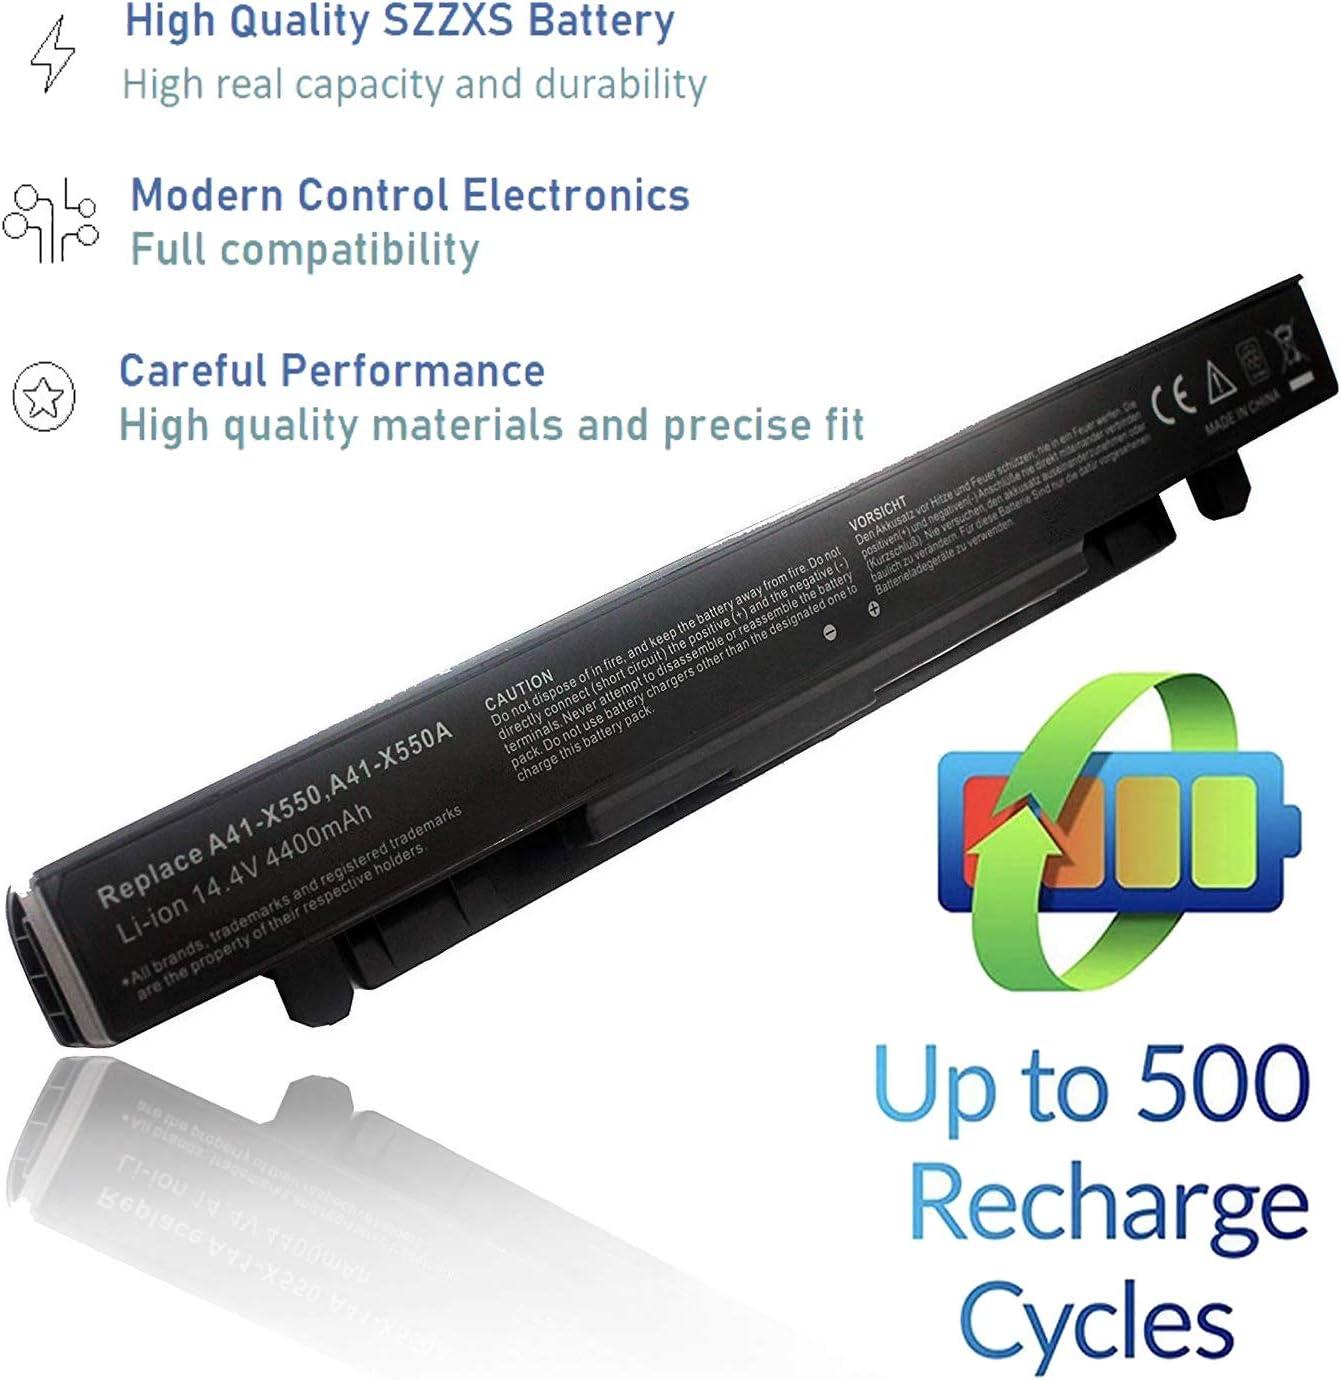 Reemplace la batería A41-X550 A41-X550A para ASUS A450 A550 F450 F550 F552 K450 K550 P450 P550 R409 R510 X450 X452 X550 Batería para computadora portátil [14.4V 4400mAh Clase energética A +++]: Amazon.es: